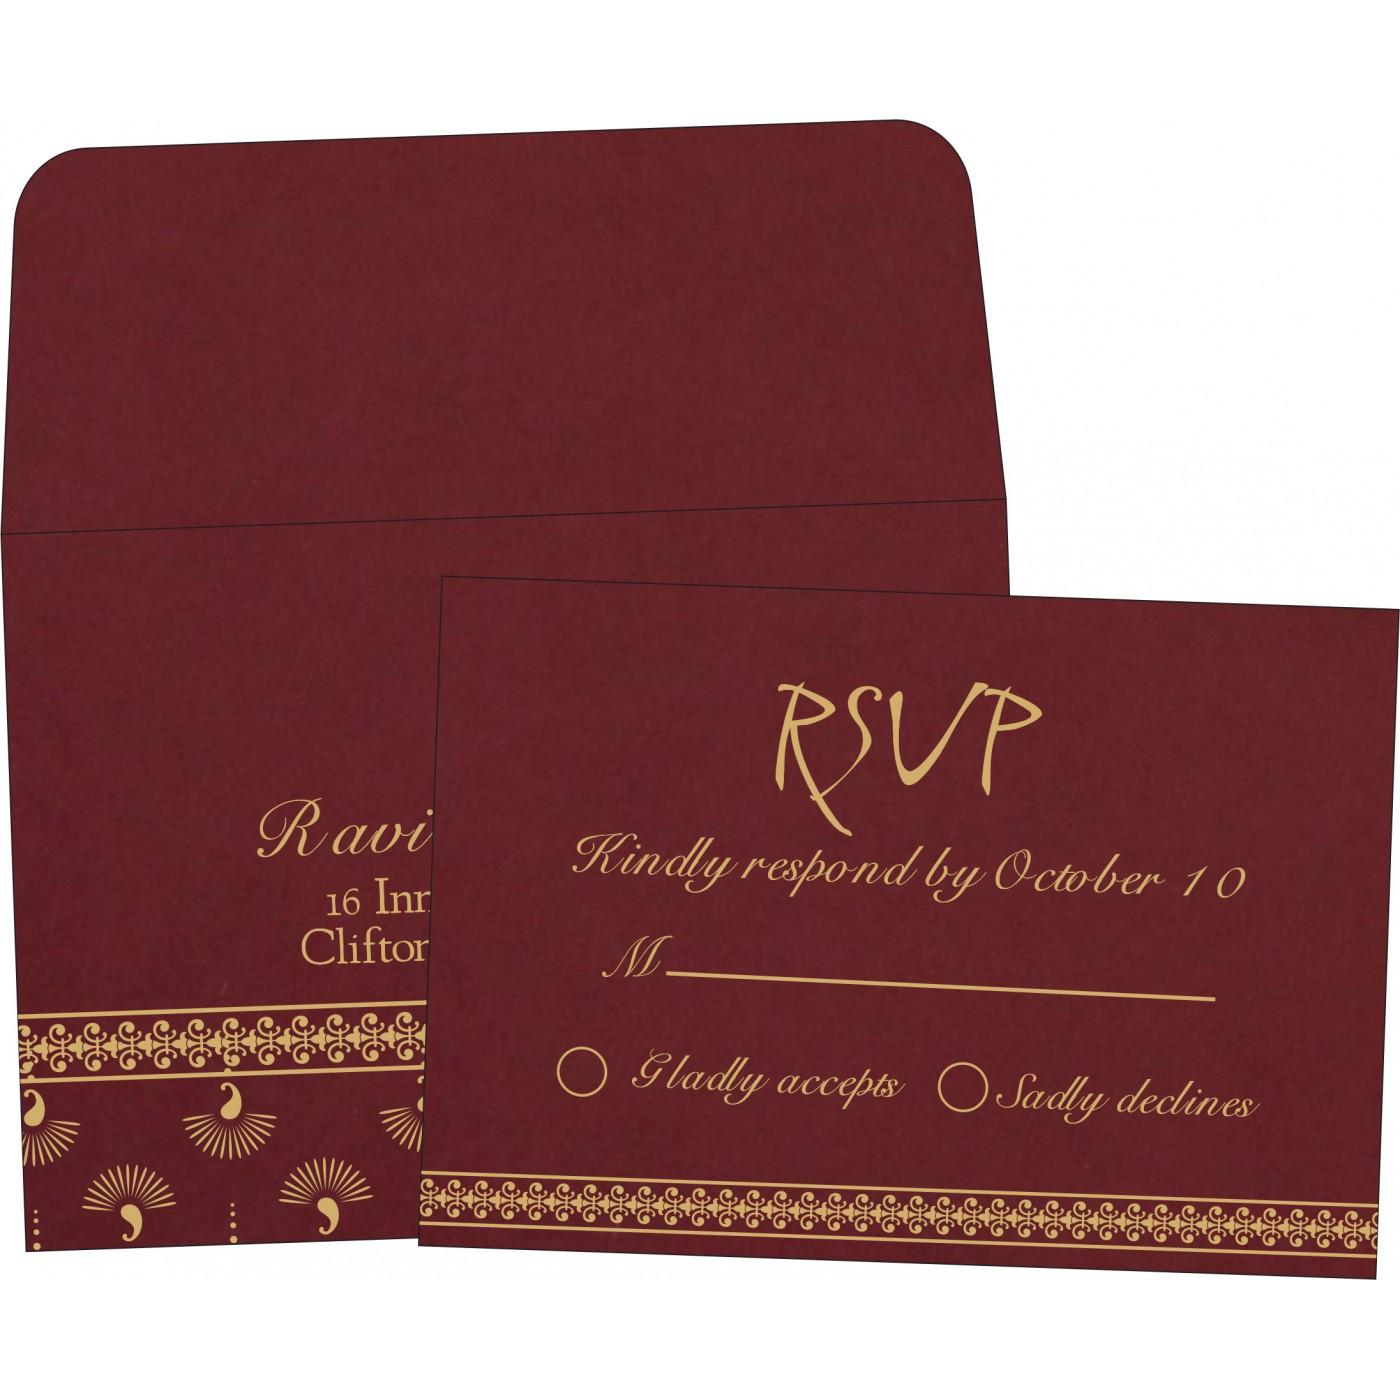 RSVP Cards : RSVP-8247D - 123WeddingCards